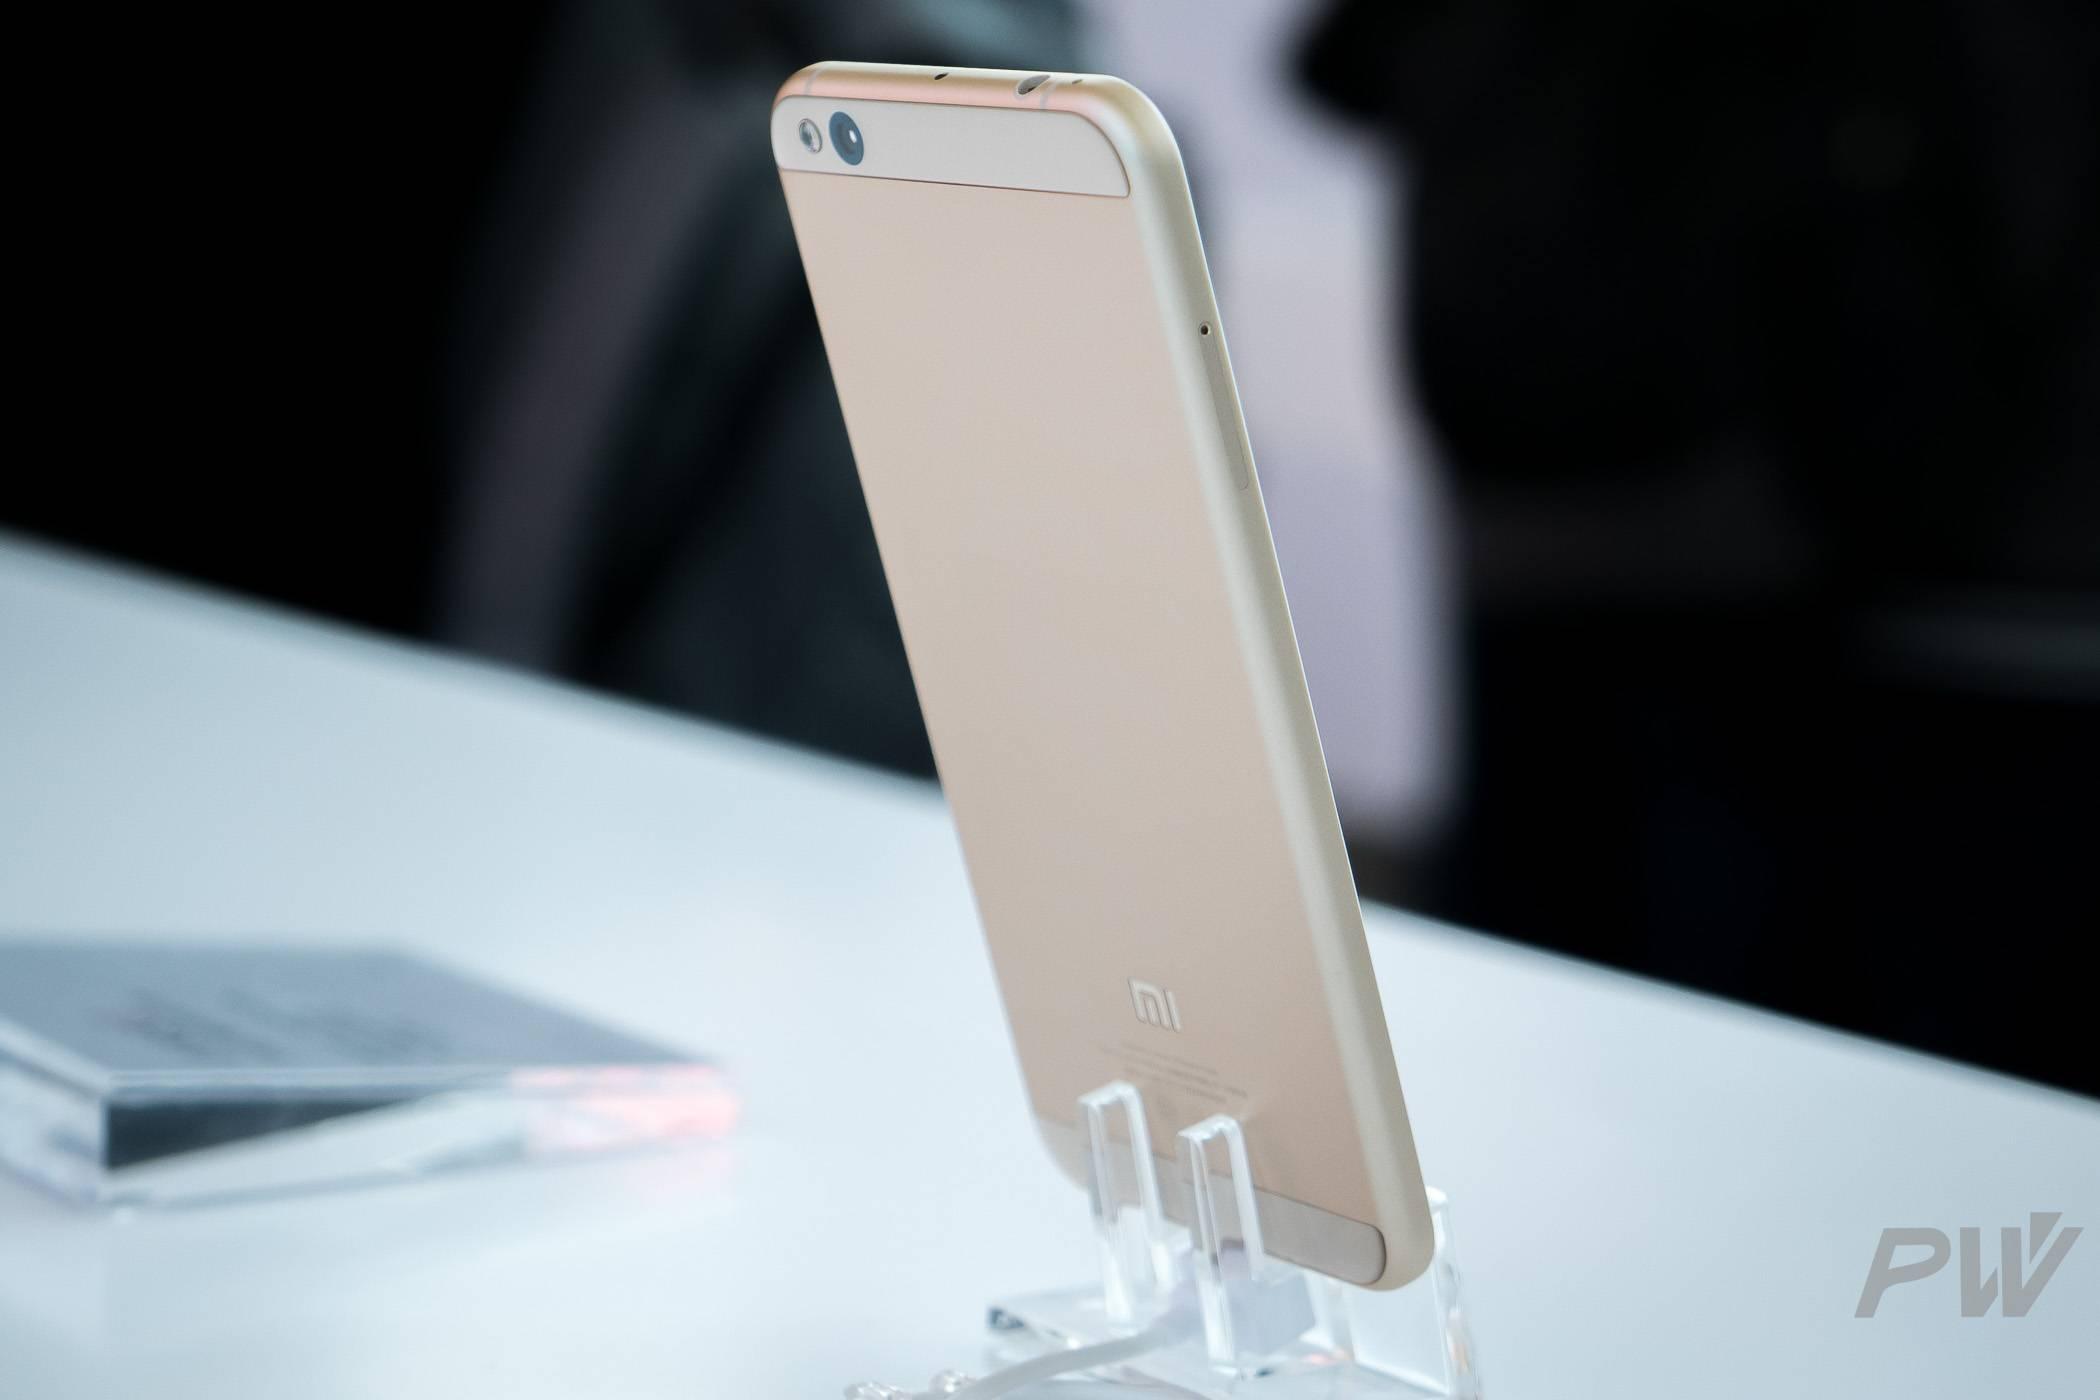 第一款搭载澎湃 S1 芯片的手机——小米 5c